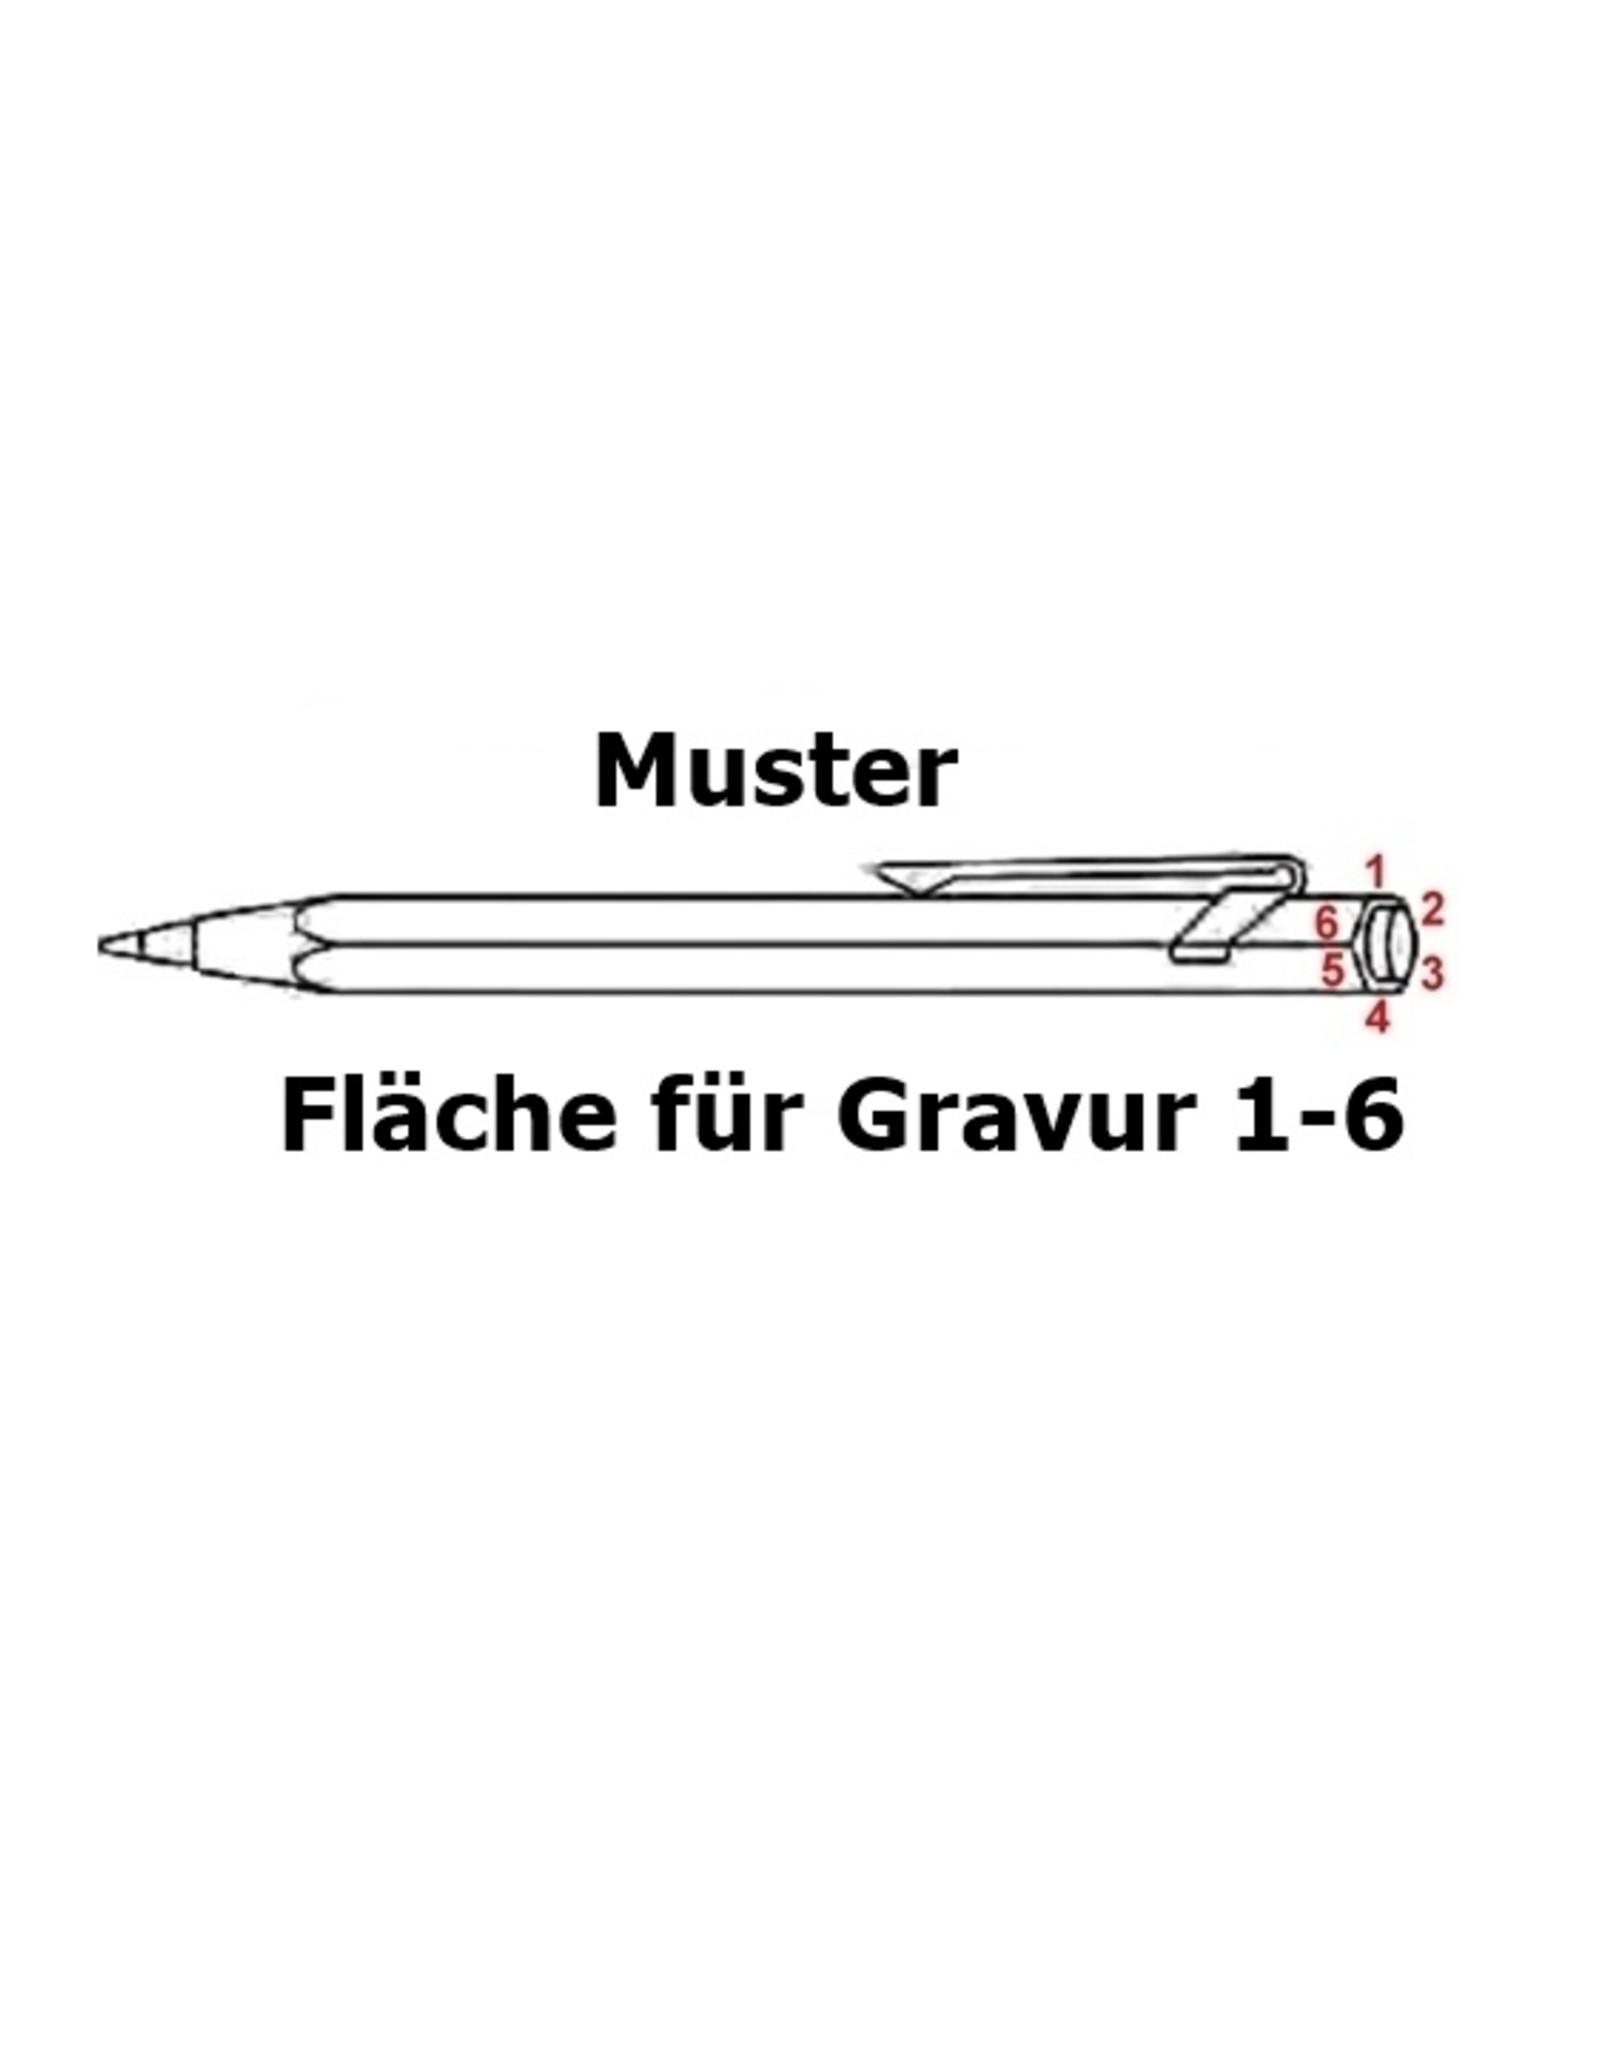 Kugelschreiber mit Gravur 849  Classic Line grün inkl. Gravur  und Verpackung